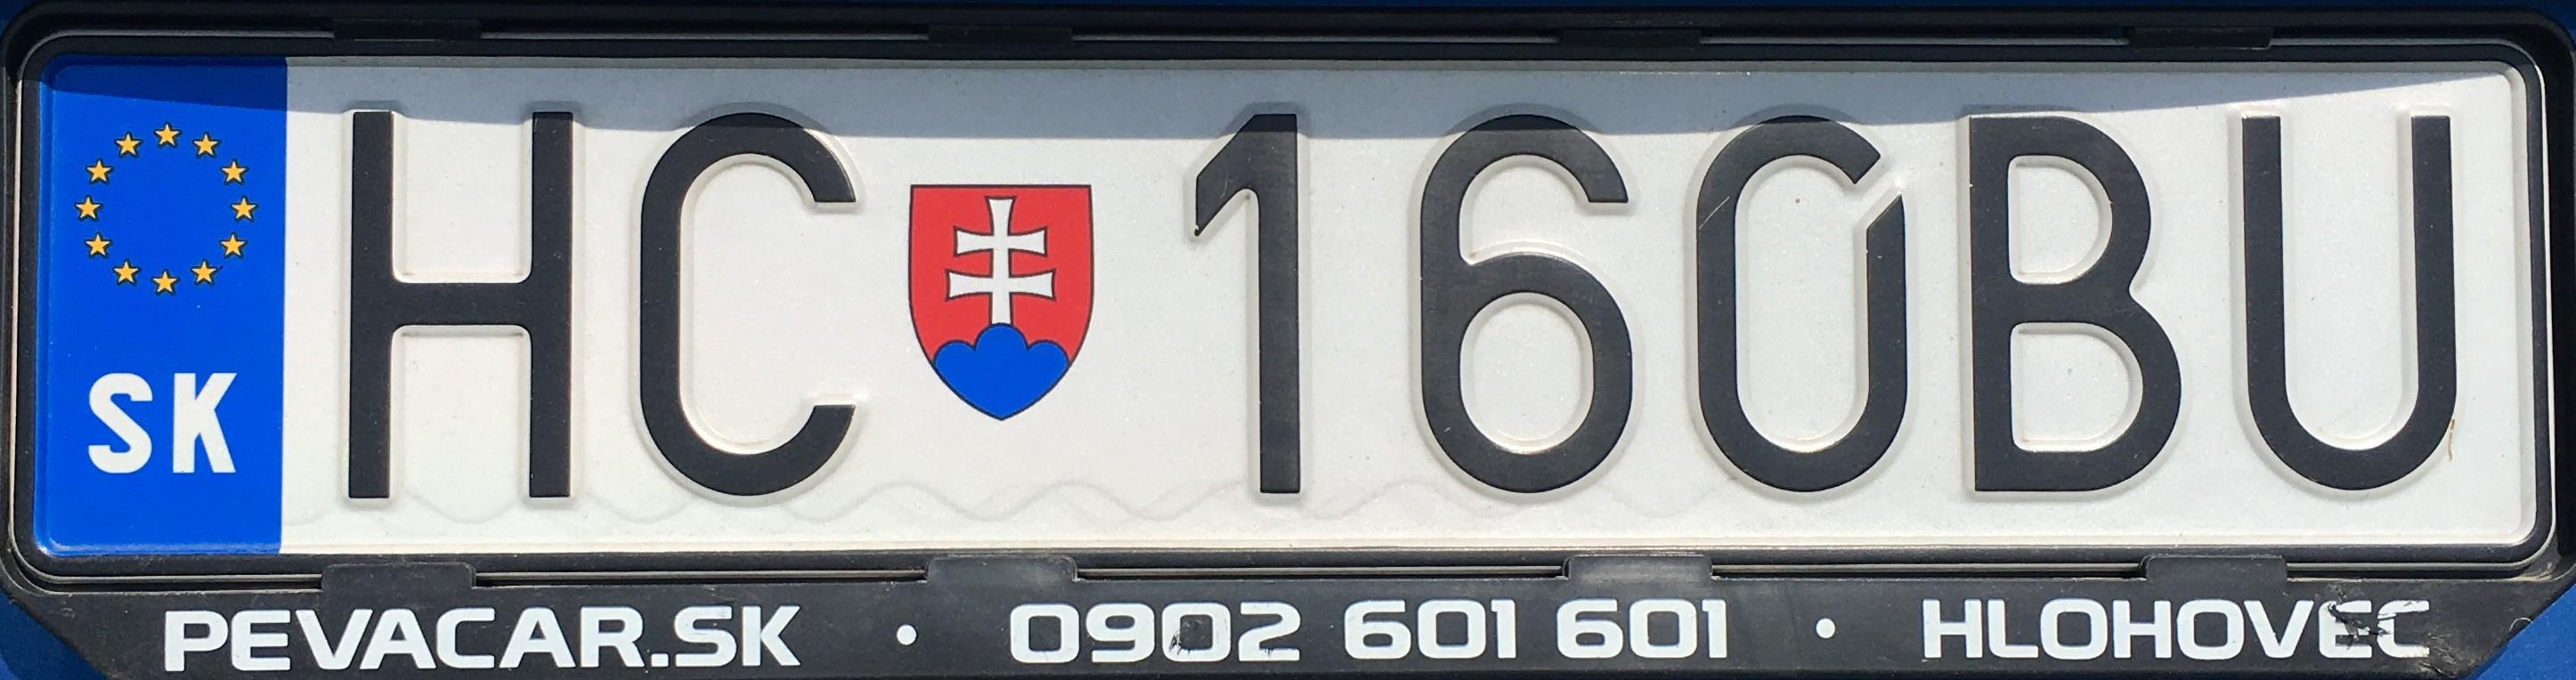 Registrační značka: HC - Hlohovec, foto: vlastní